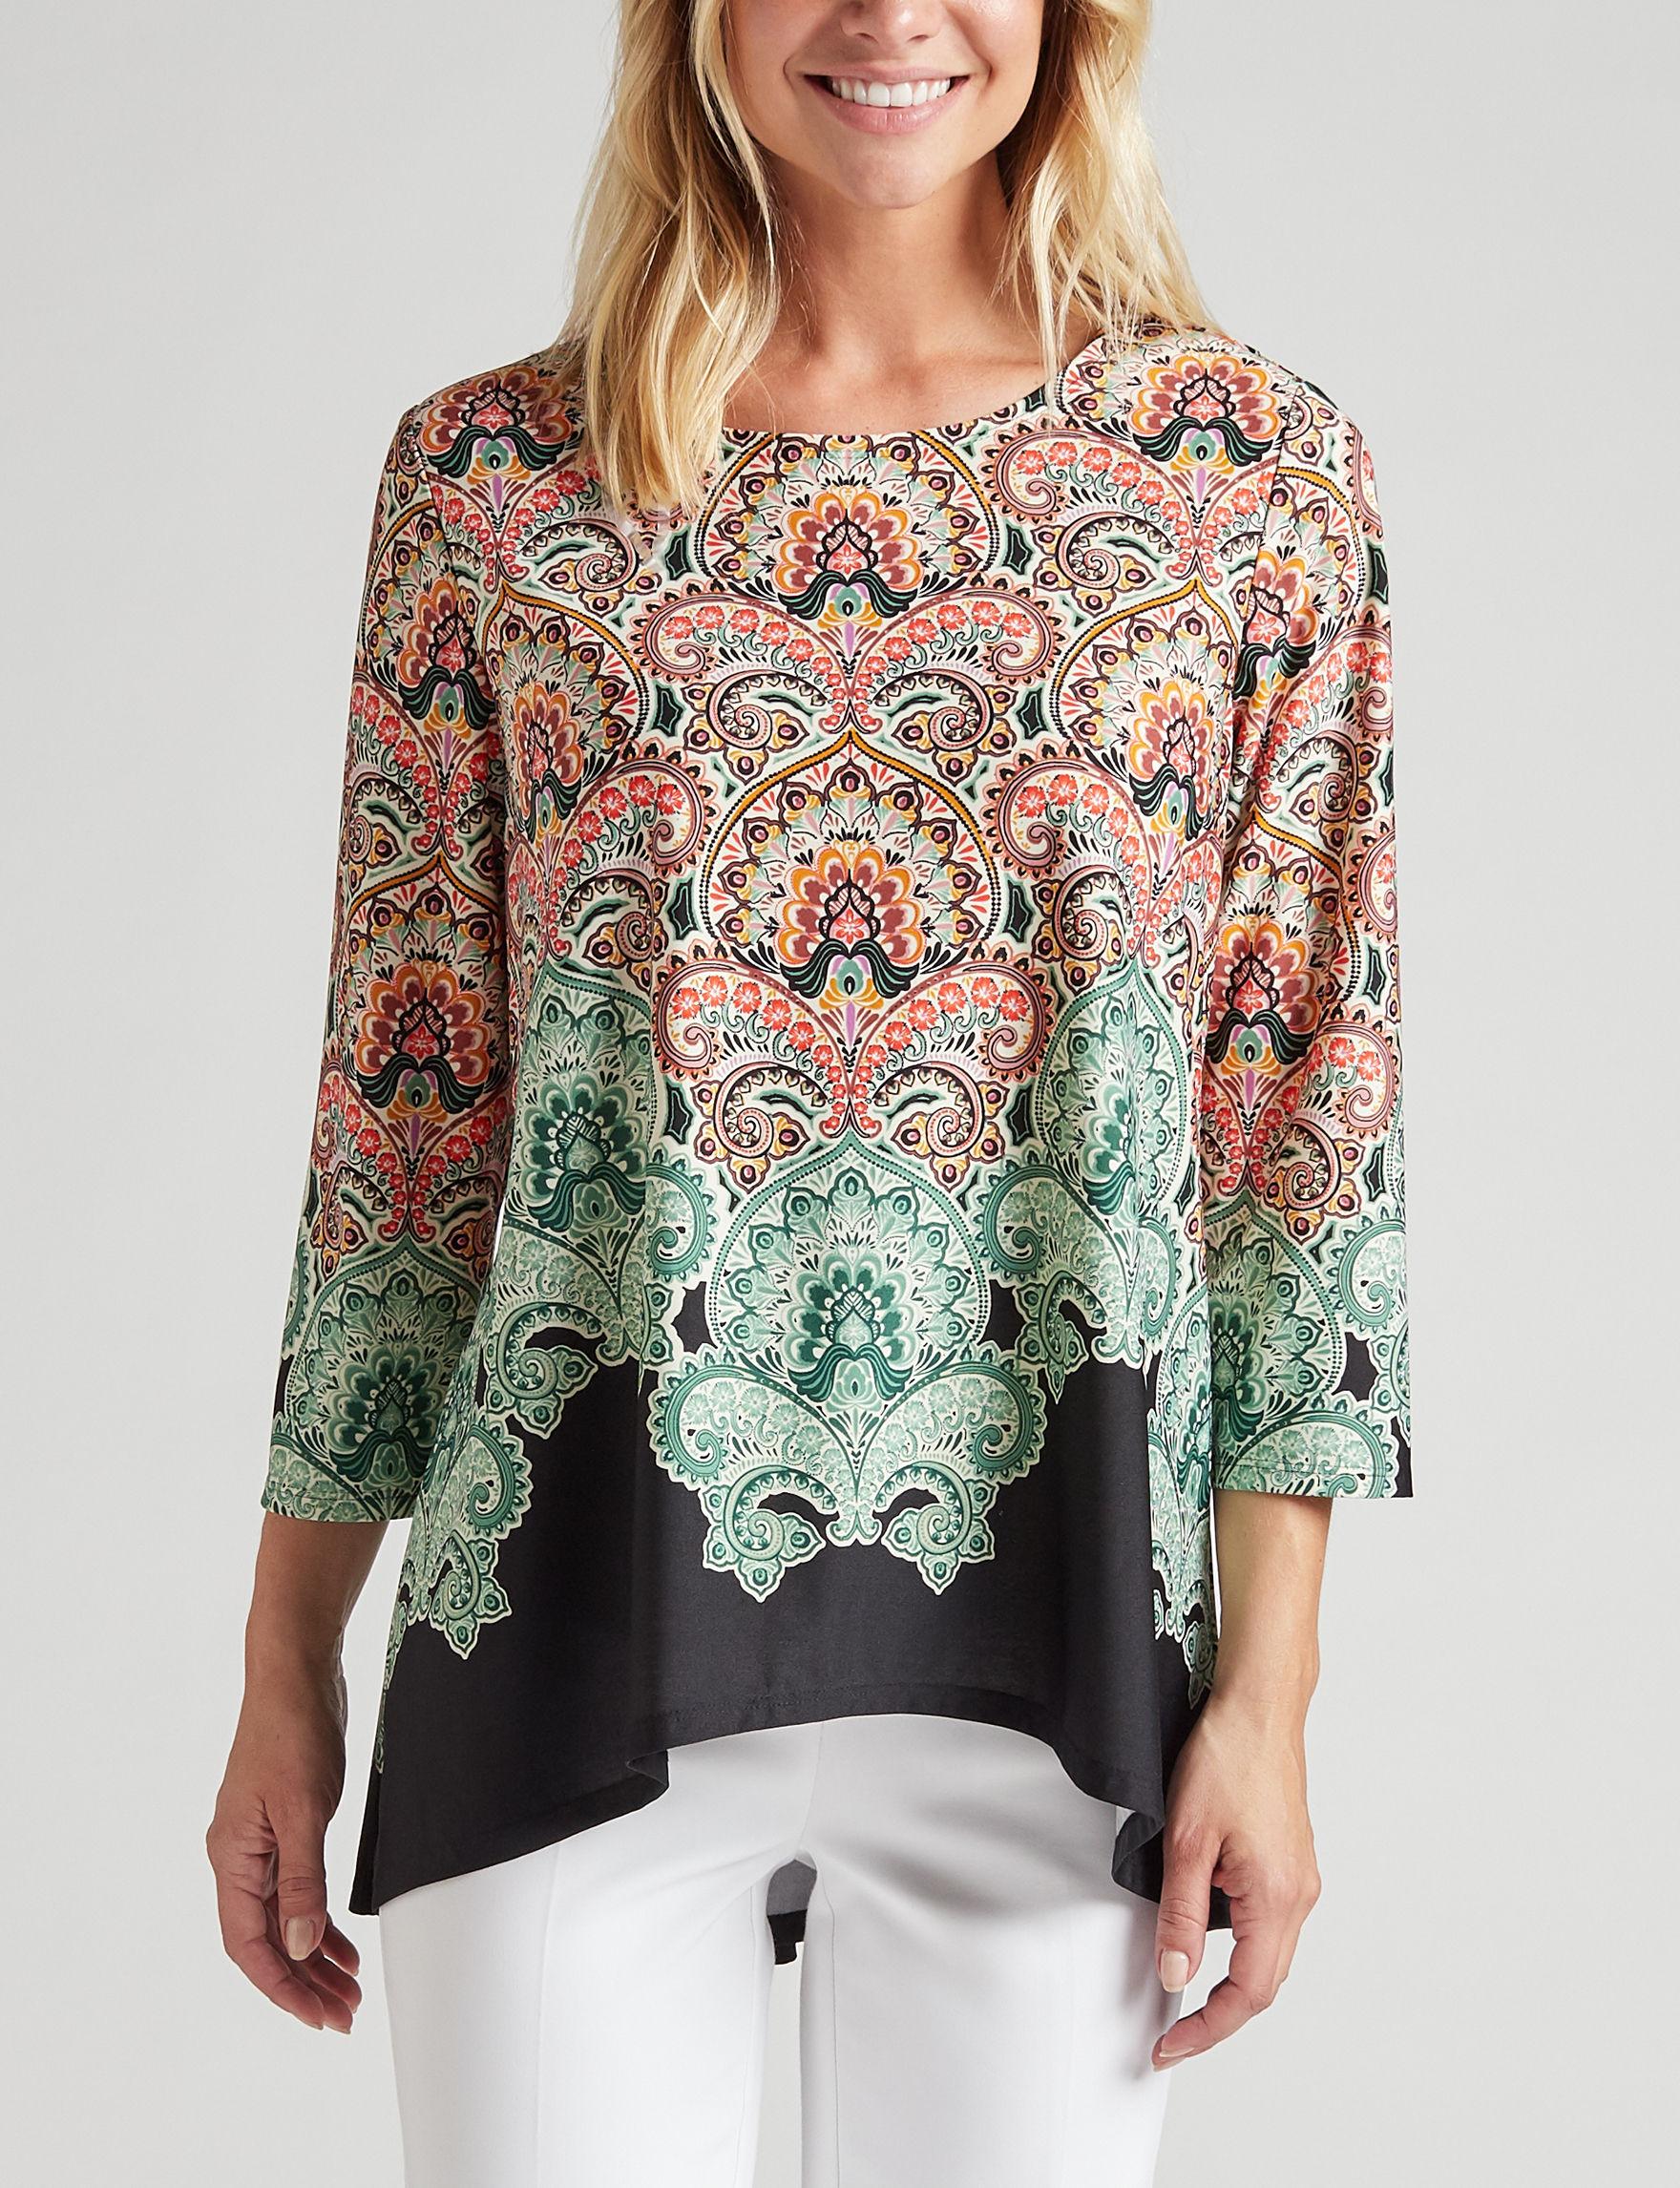 Valerie Stevens Black Paisley Shirts & Blouses